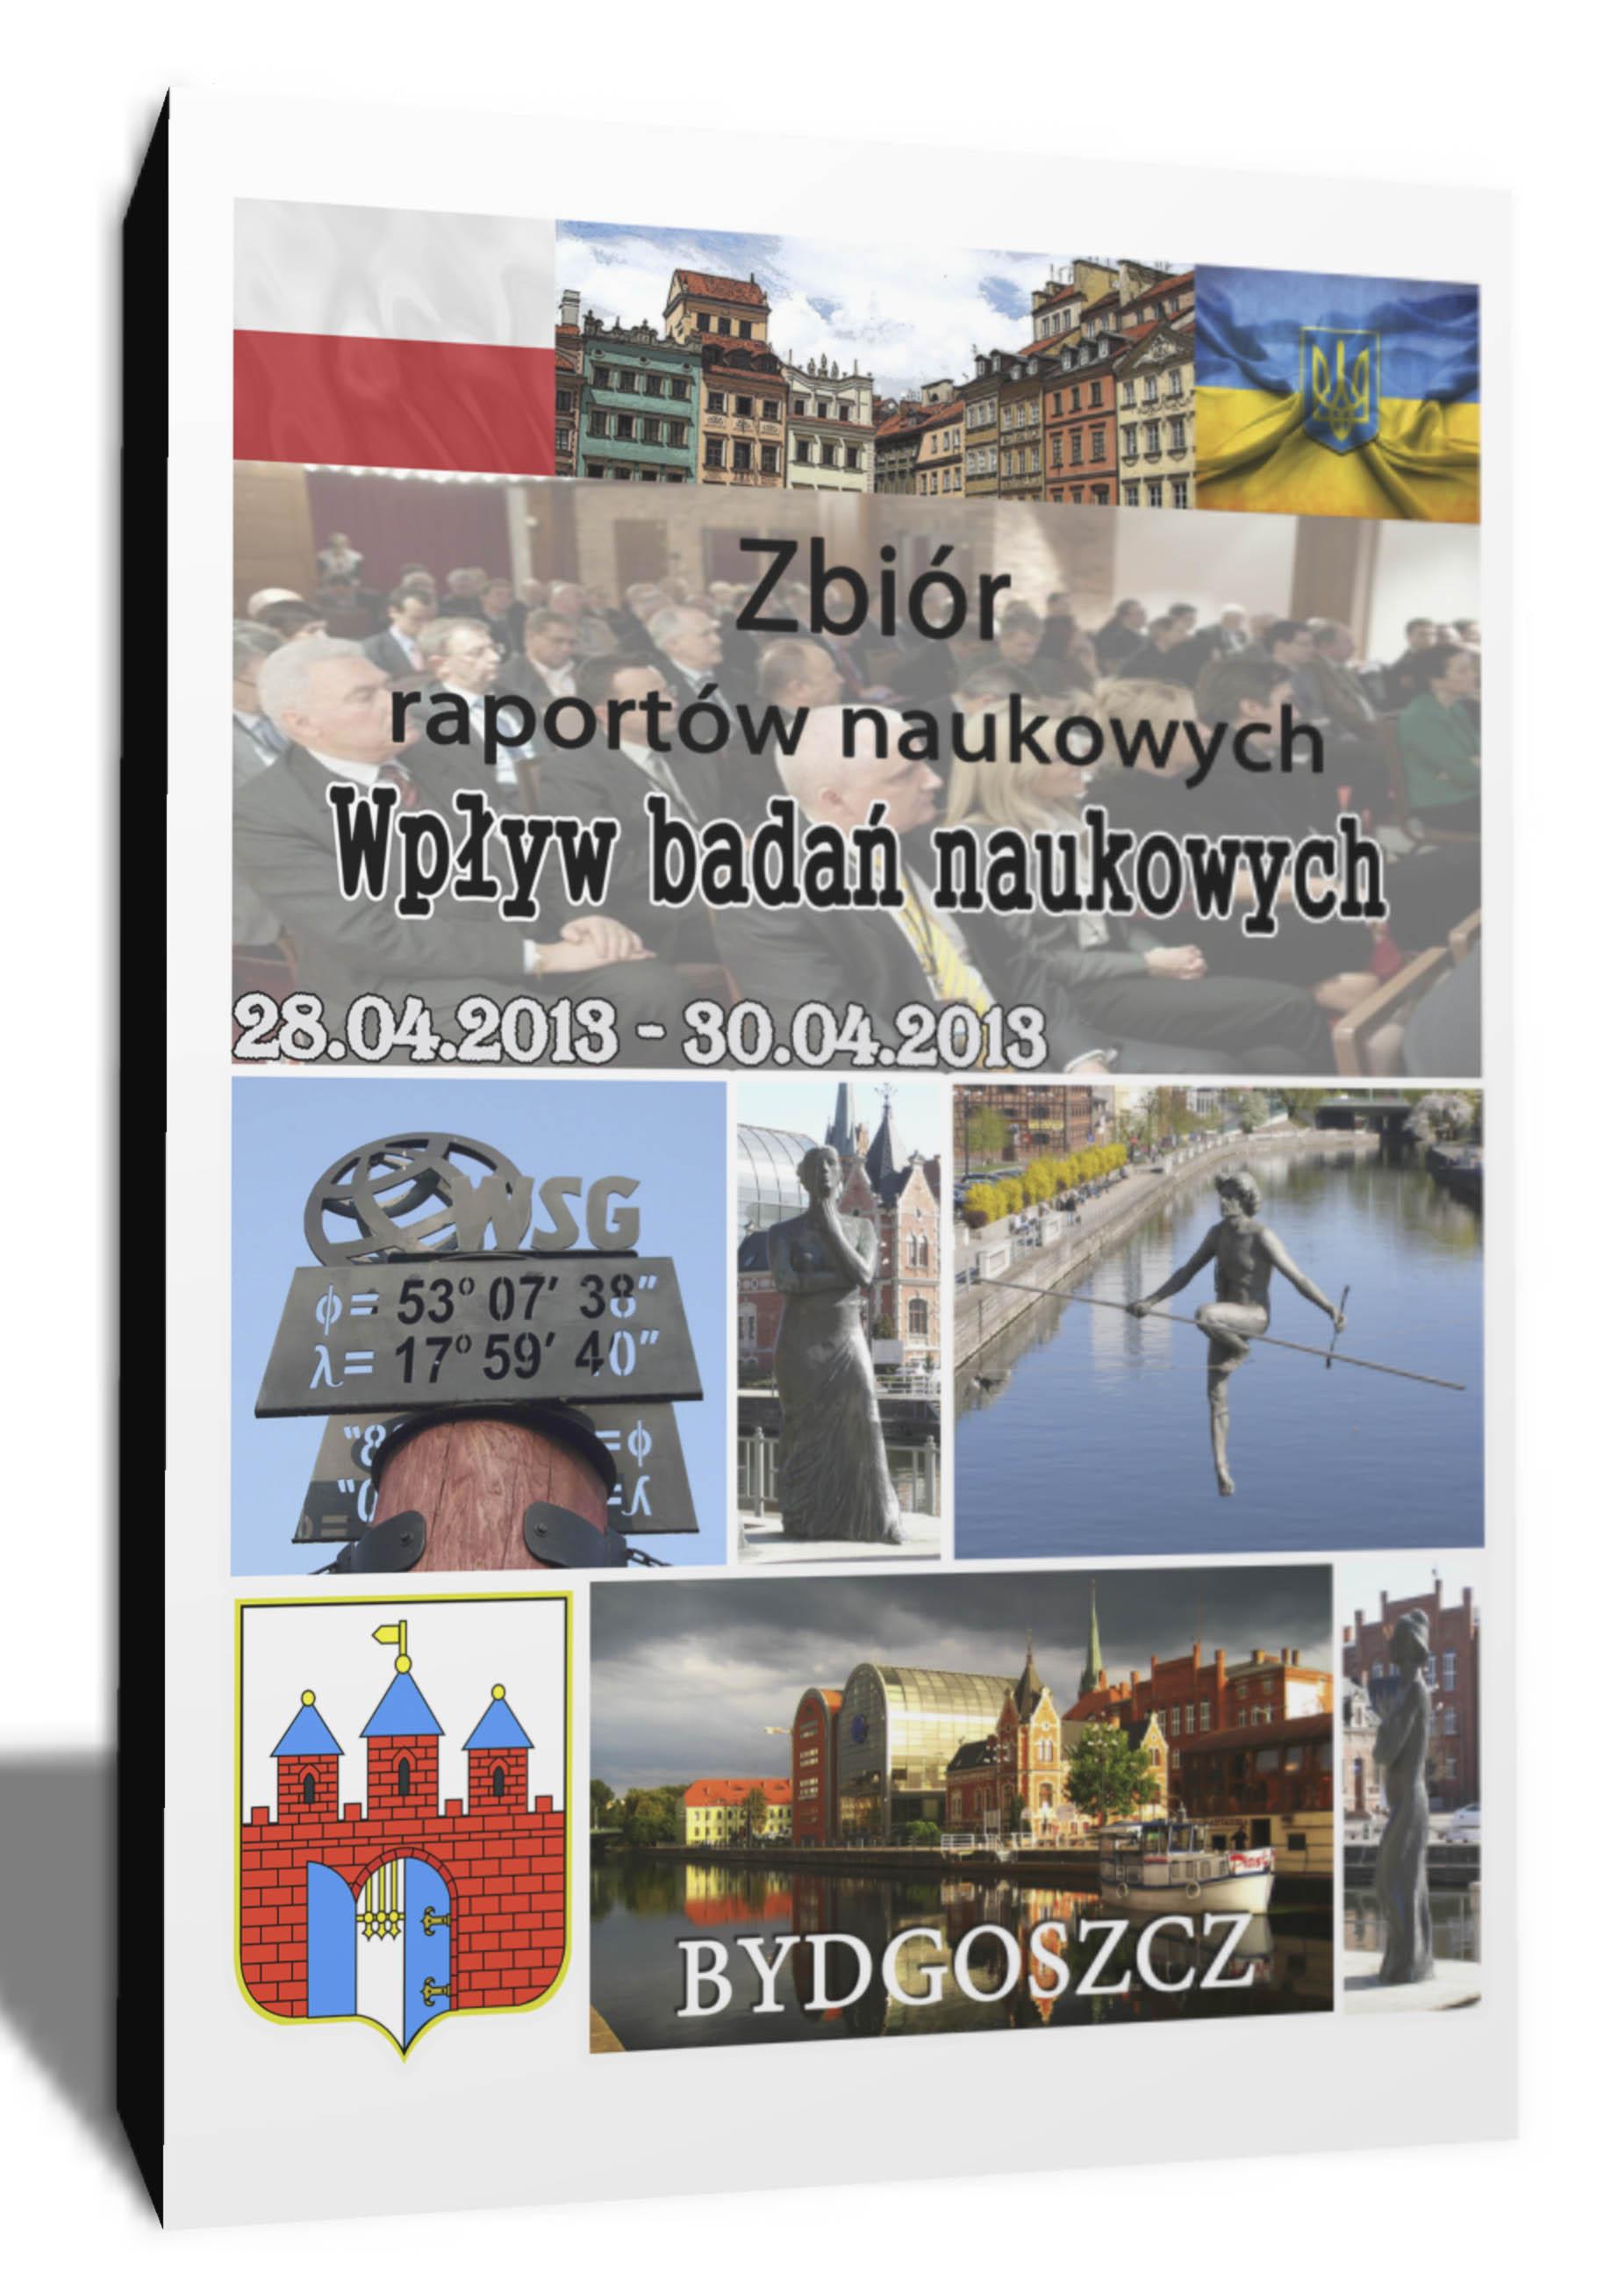 Bydgoszcz_poland